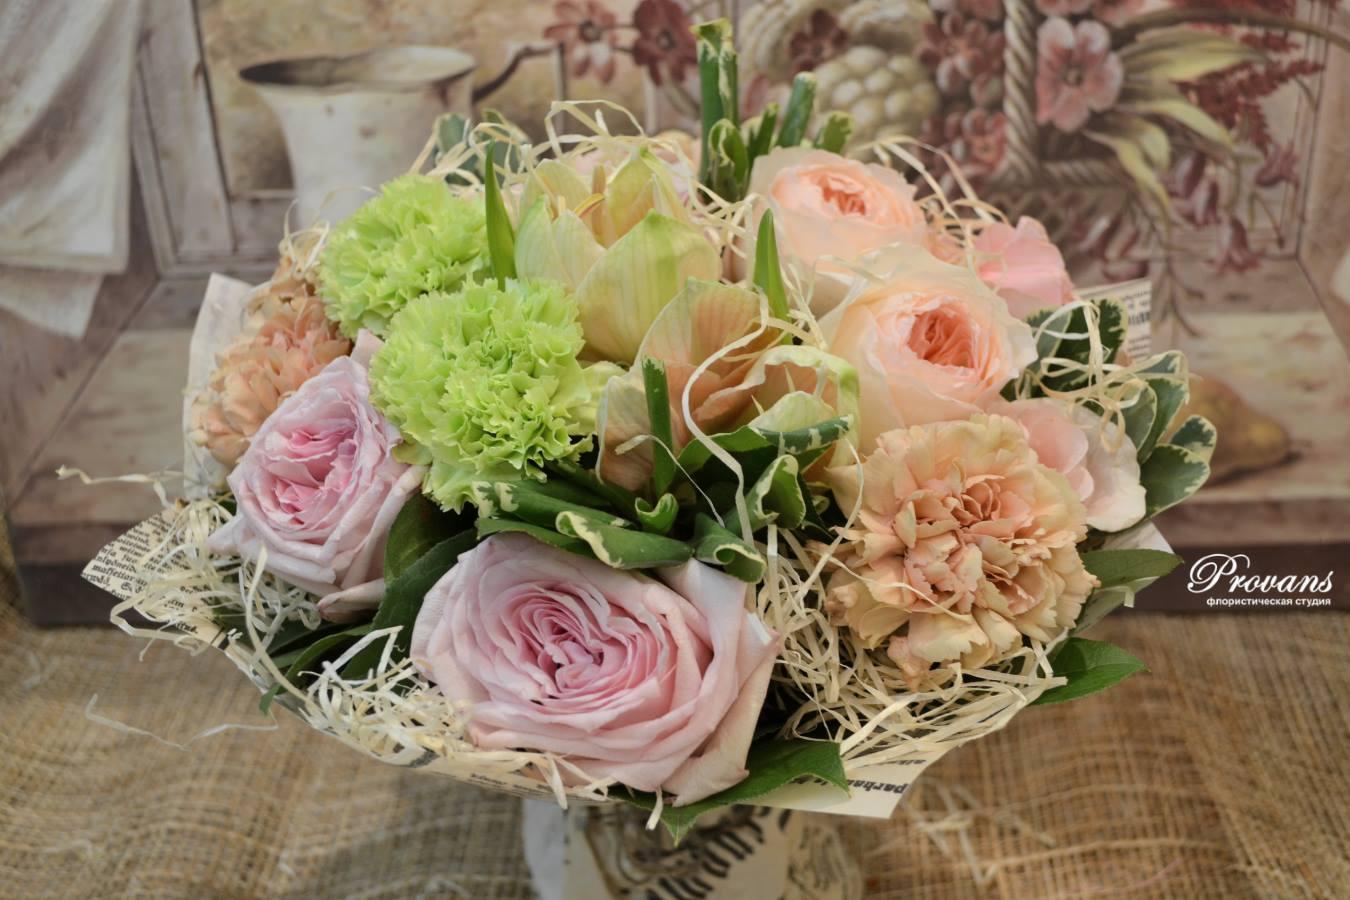 Букет на день рождения. Ароматная роза, амариллис гвоздика